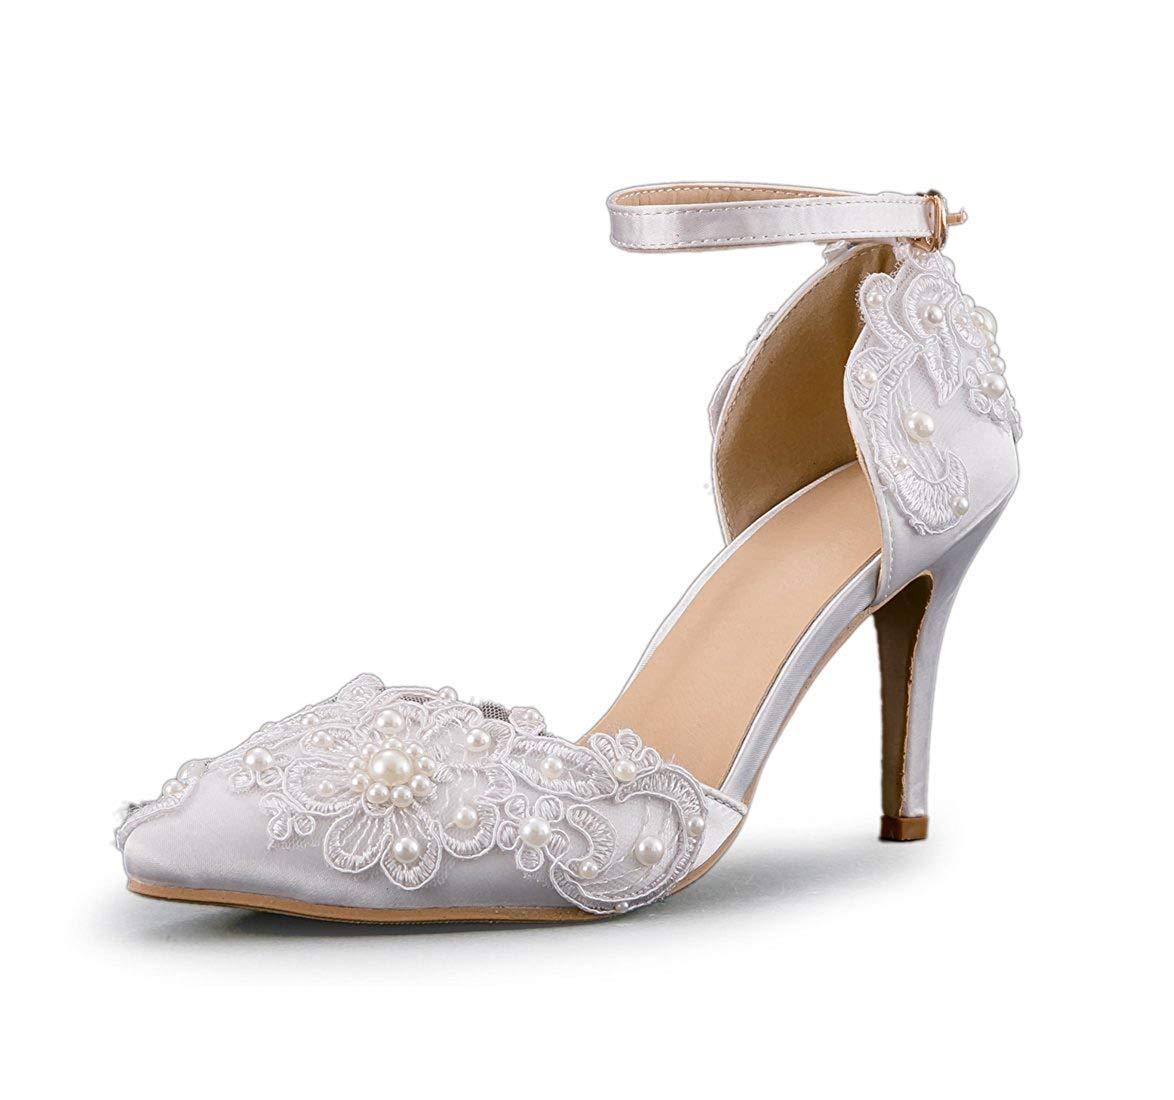 Qiusa Frauen Handmade Applique Applique Applique Satin Braut Hochzeit Schuhe (Farbe   Ivory-9cm Heel Größe   4 UK) fff076